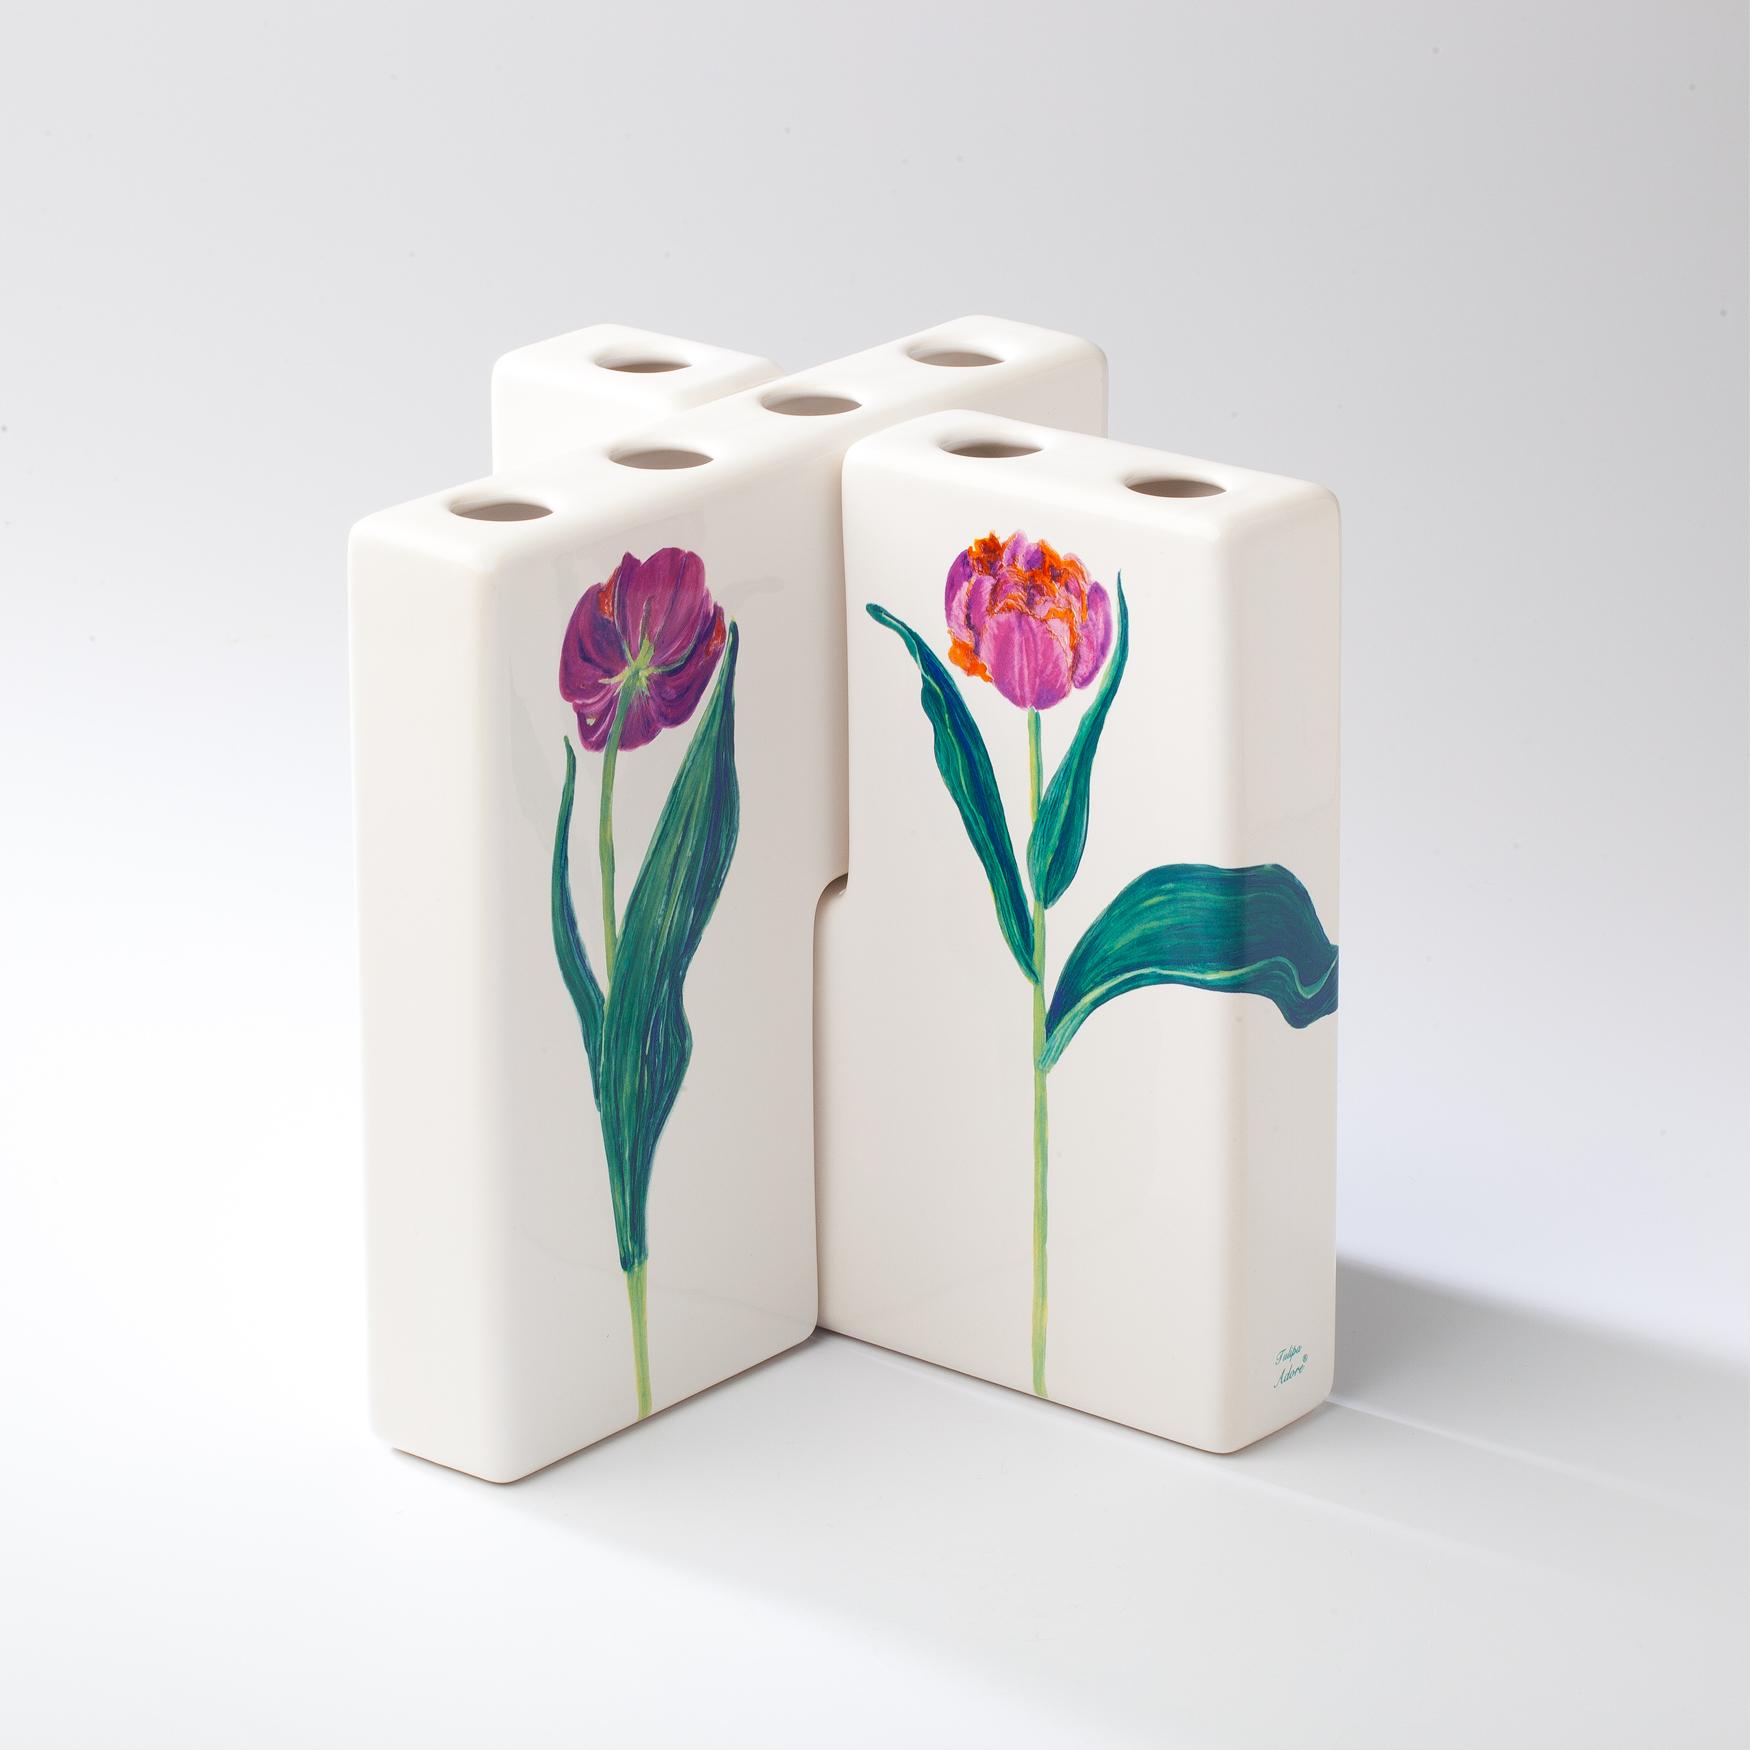 Dianthus-Flowers-Gallery-Vases-1902-4.jpg